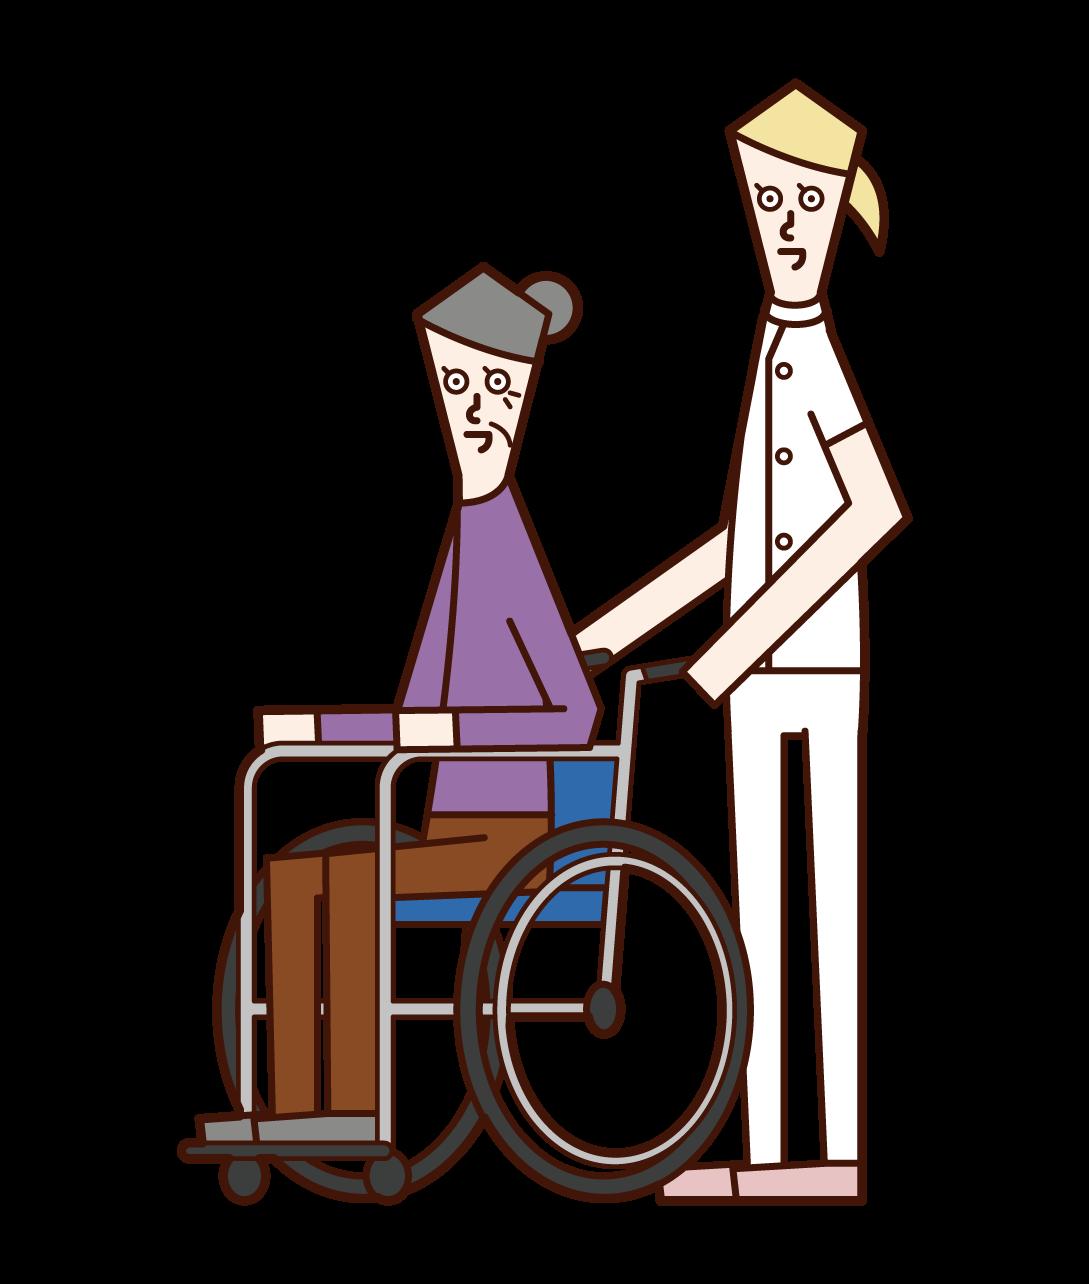 車椅子を推す介護福祉士(女性)のイラスト